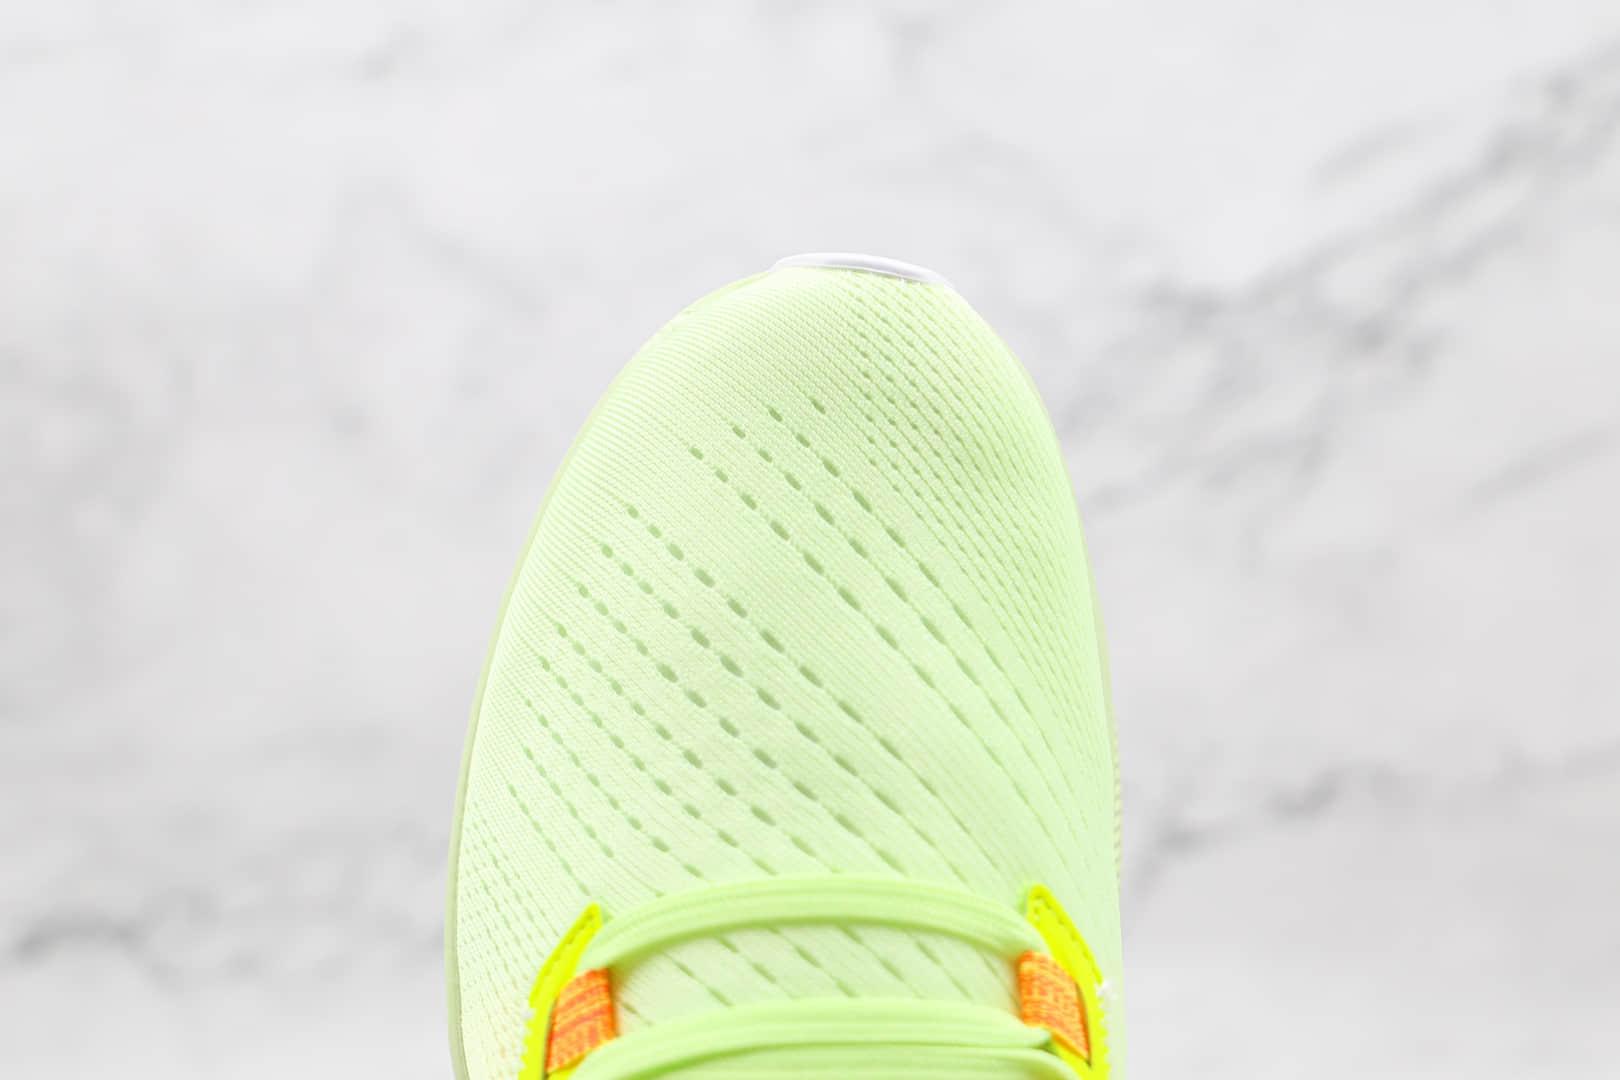 耐克Nike Air Zoom Pegasus 38纯原版本登月38代绿色黑钩慢跑鞋原档案数据开发 货号:DA6678-700